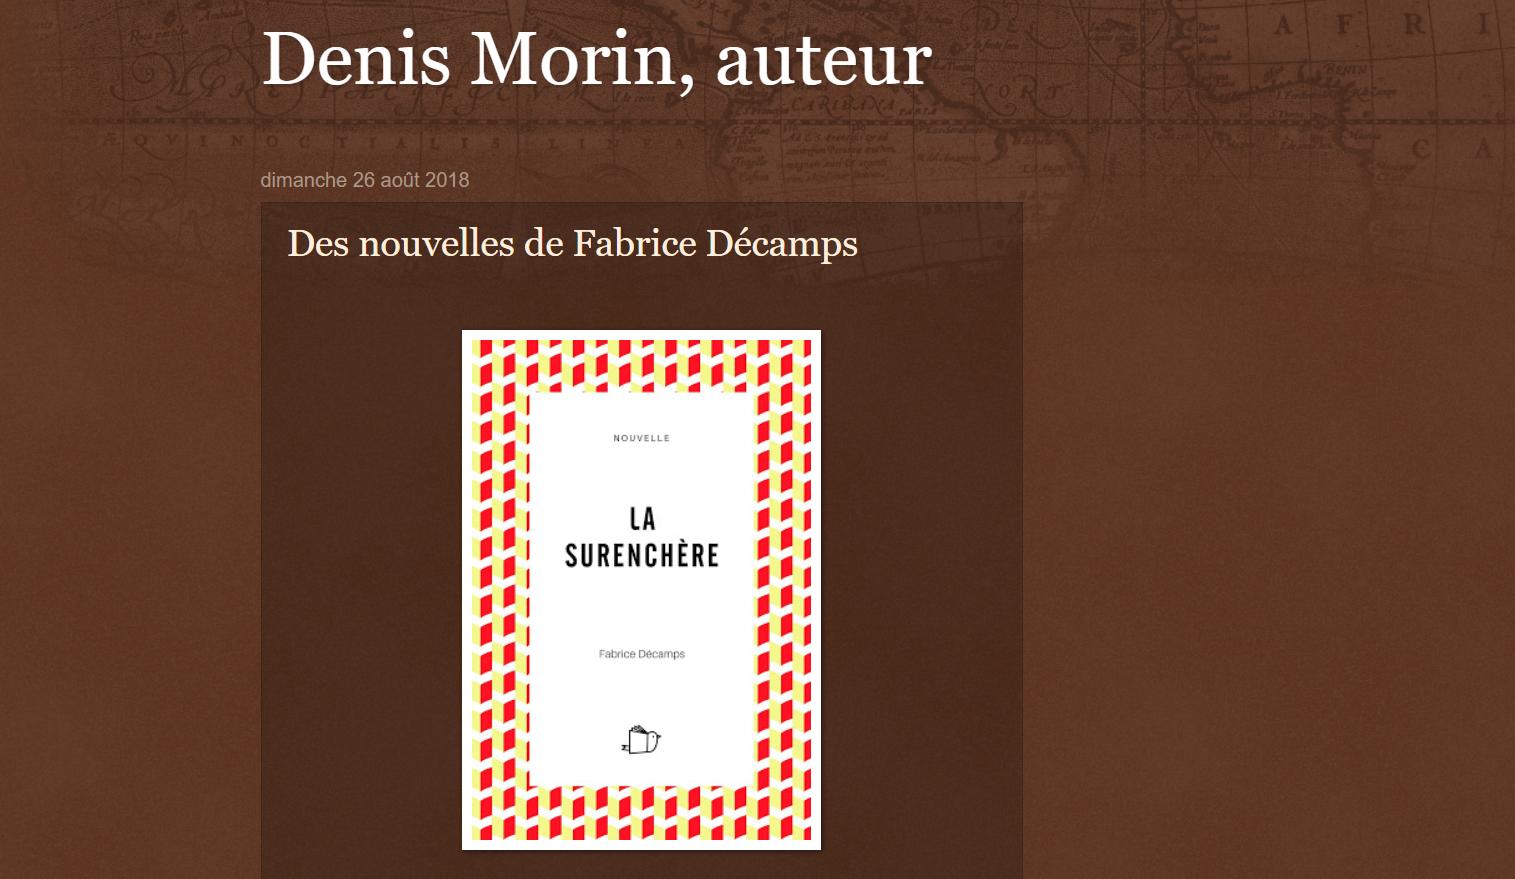 Denis Morin parle des nouvelles de Fabrice Décamps